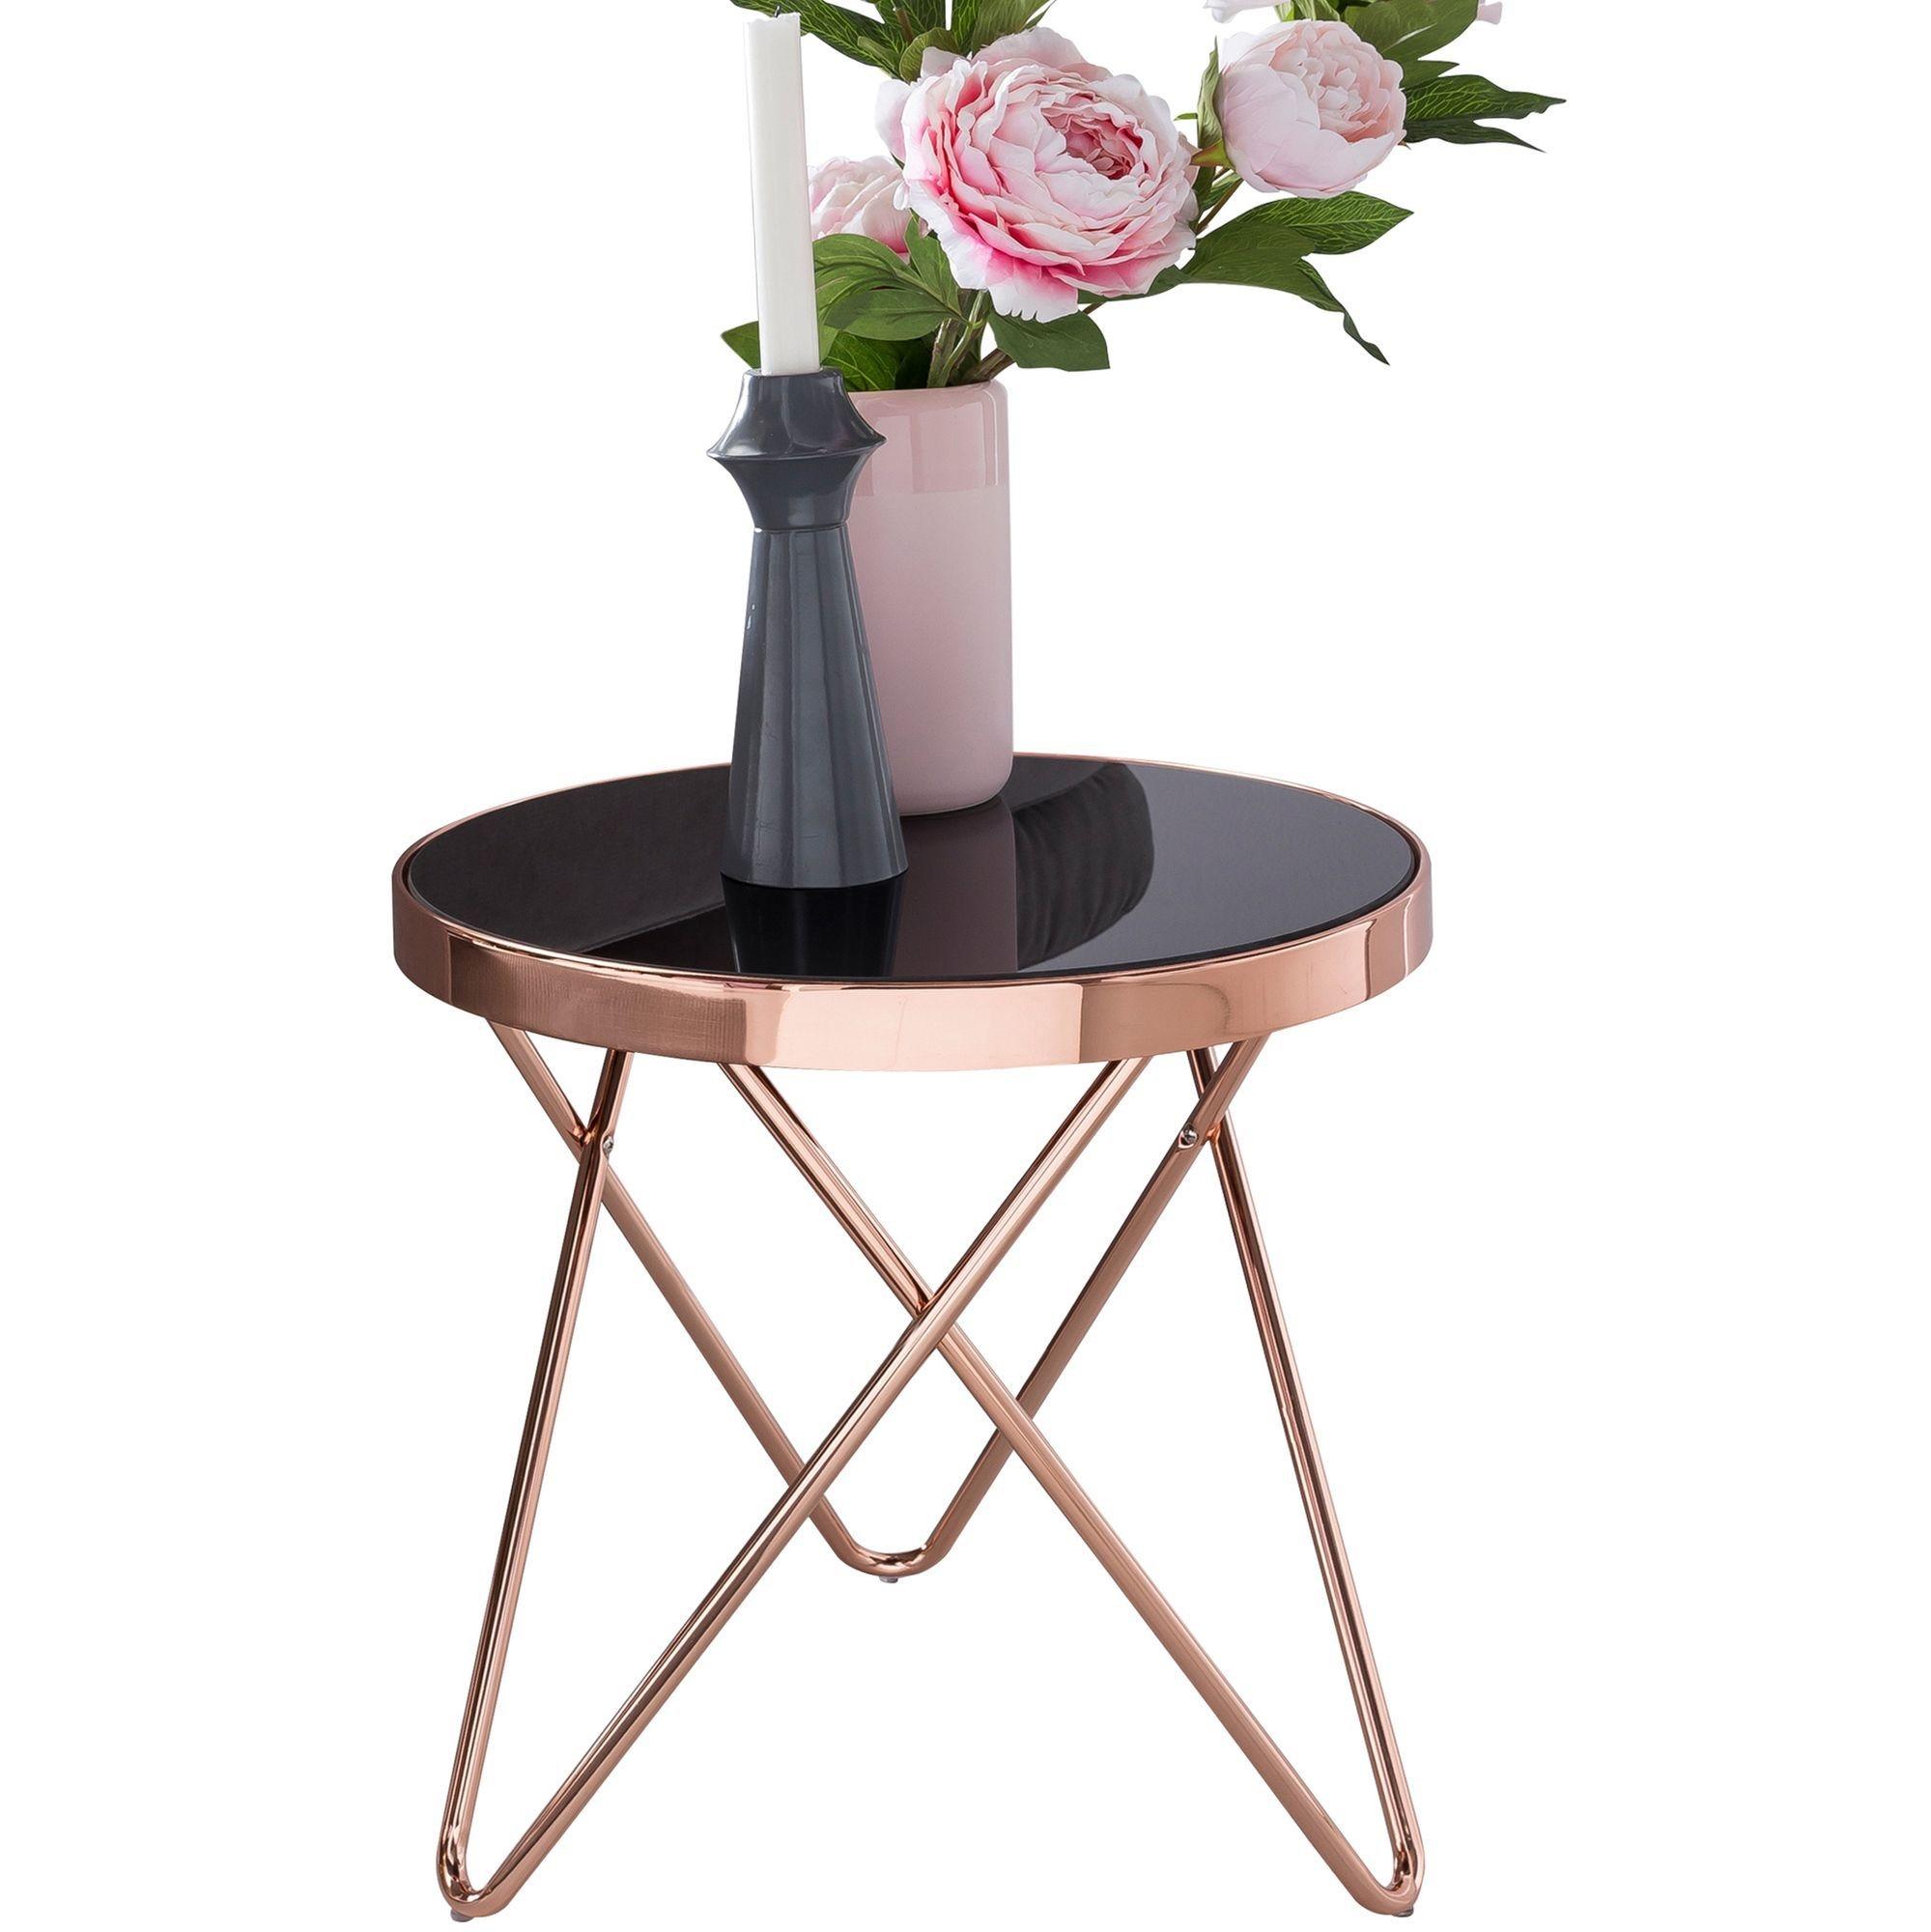 Beistelltisch »WL5.247«, Design DANA Dreibein Metall Glas ø 42 cm Schwarz / Kupfer Wohnzimmertisch verspiegelt Couchtisch modern Glastisch